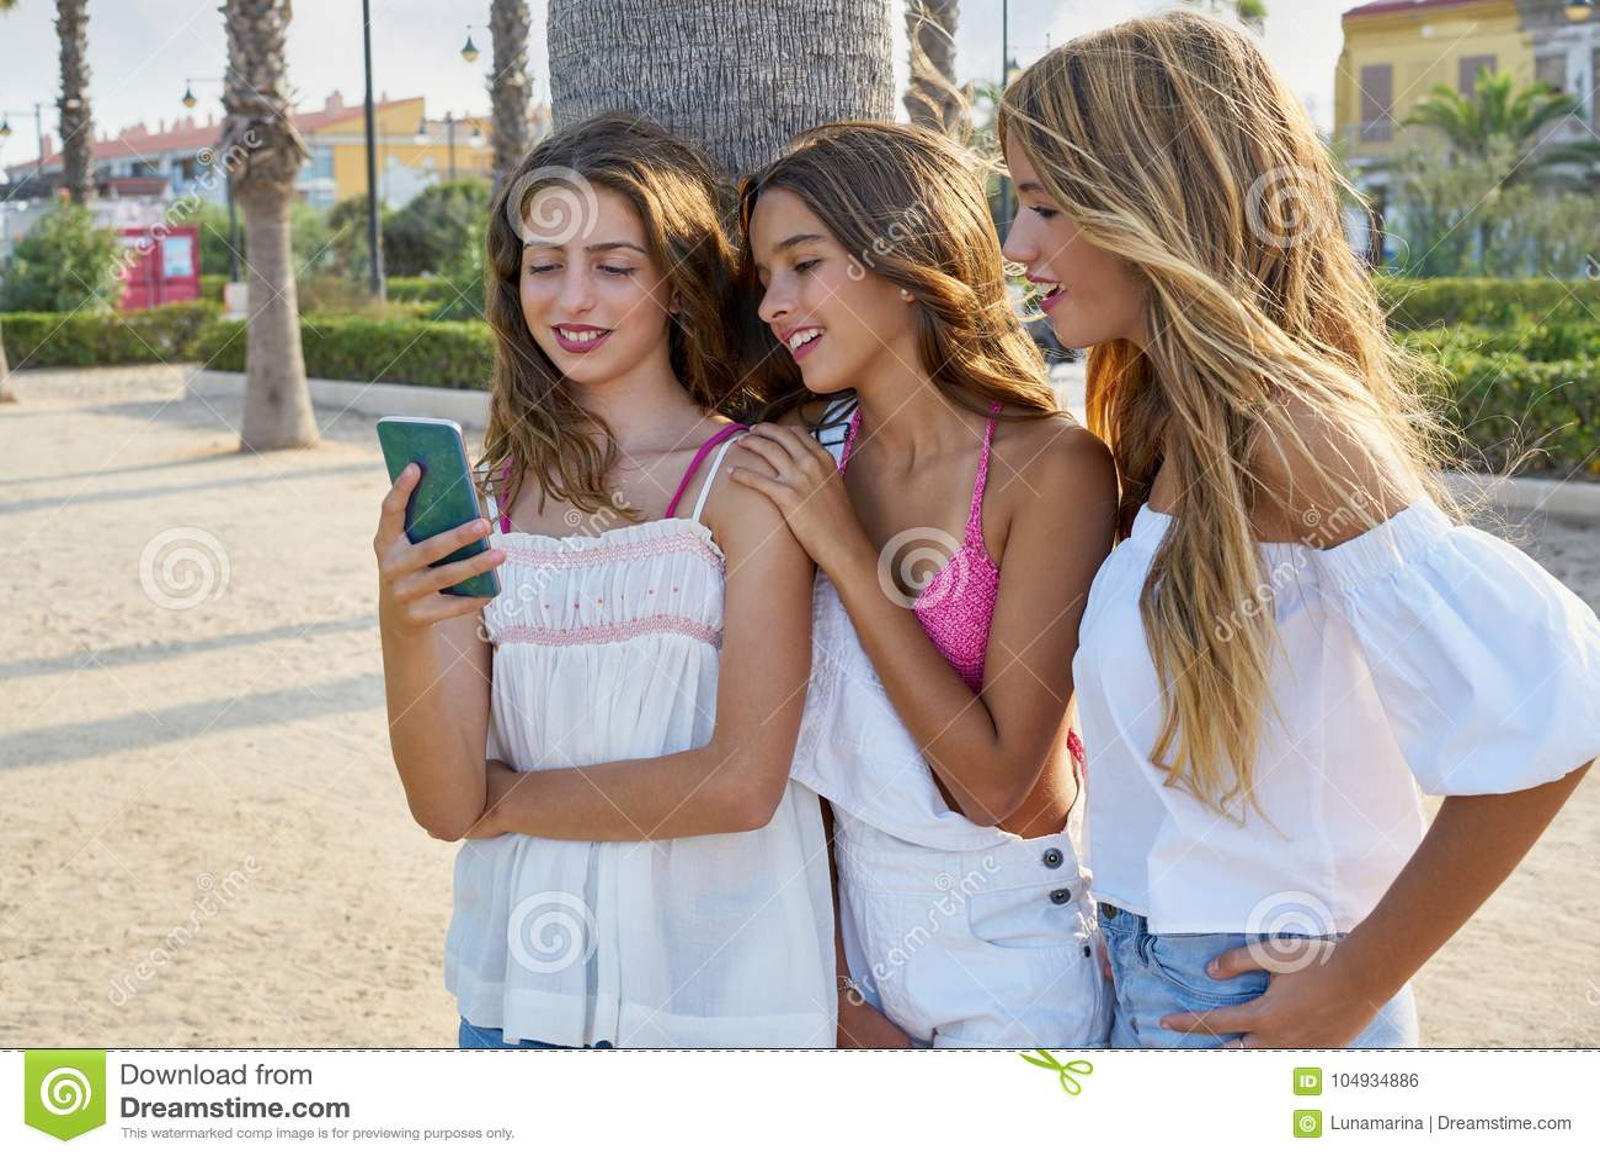 Teen Black Girls Fingering